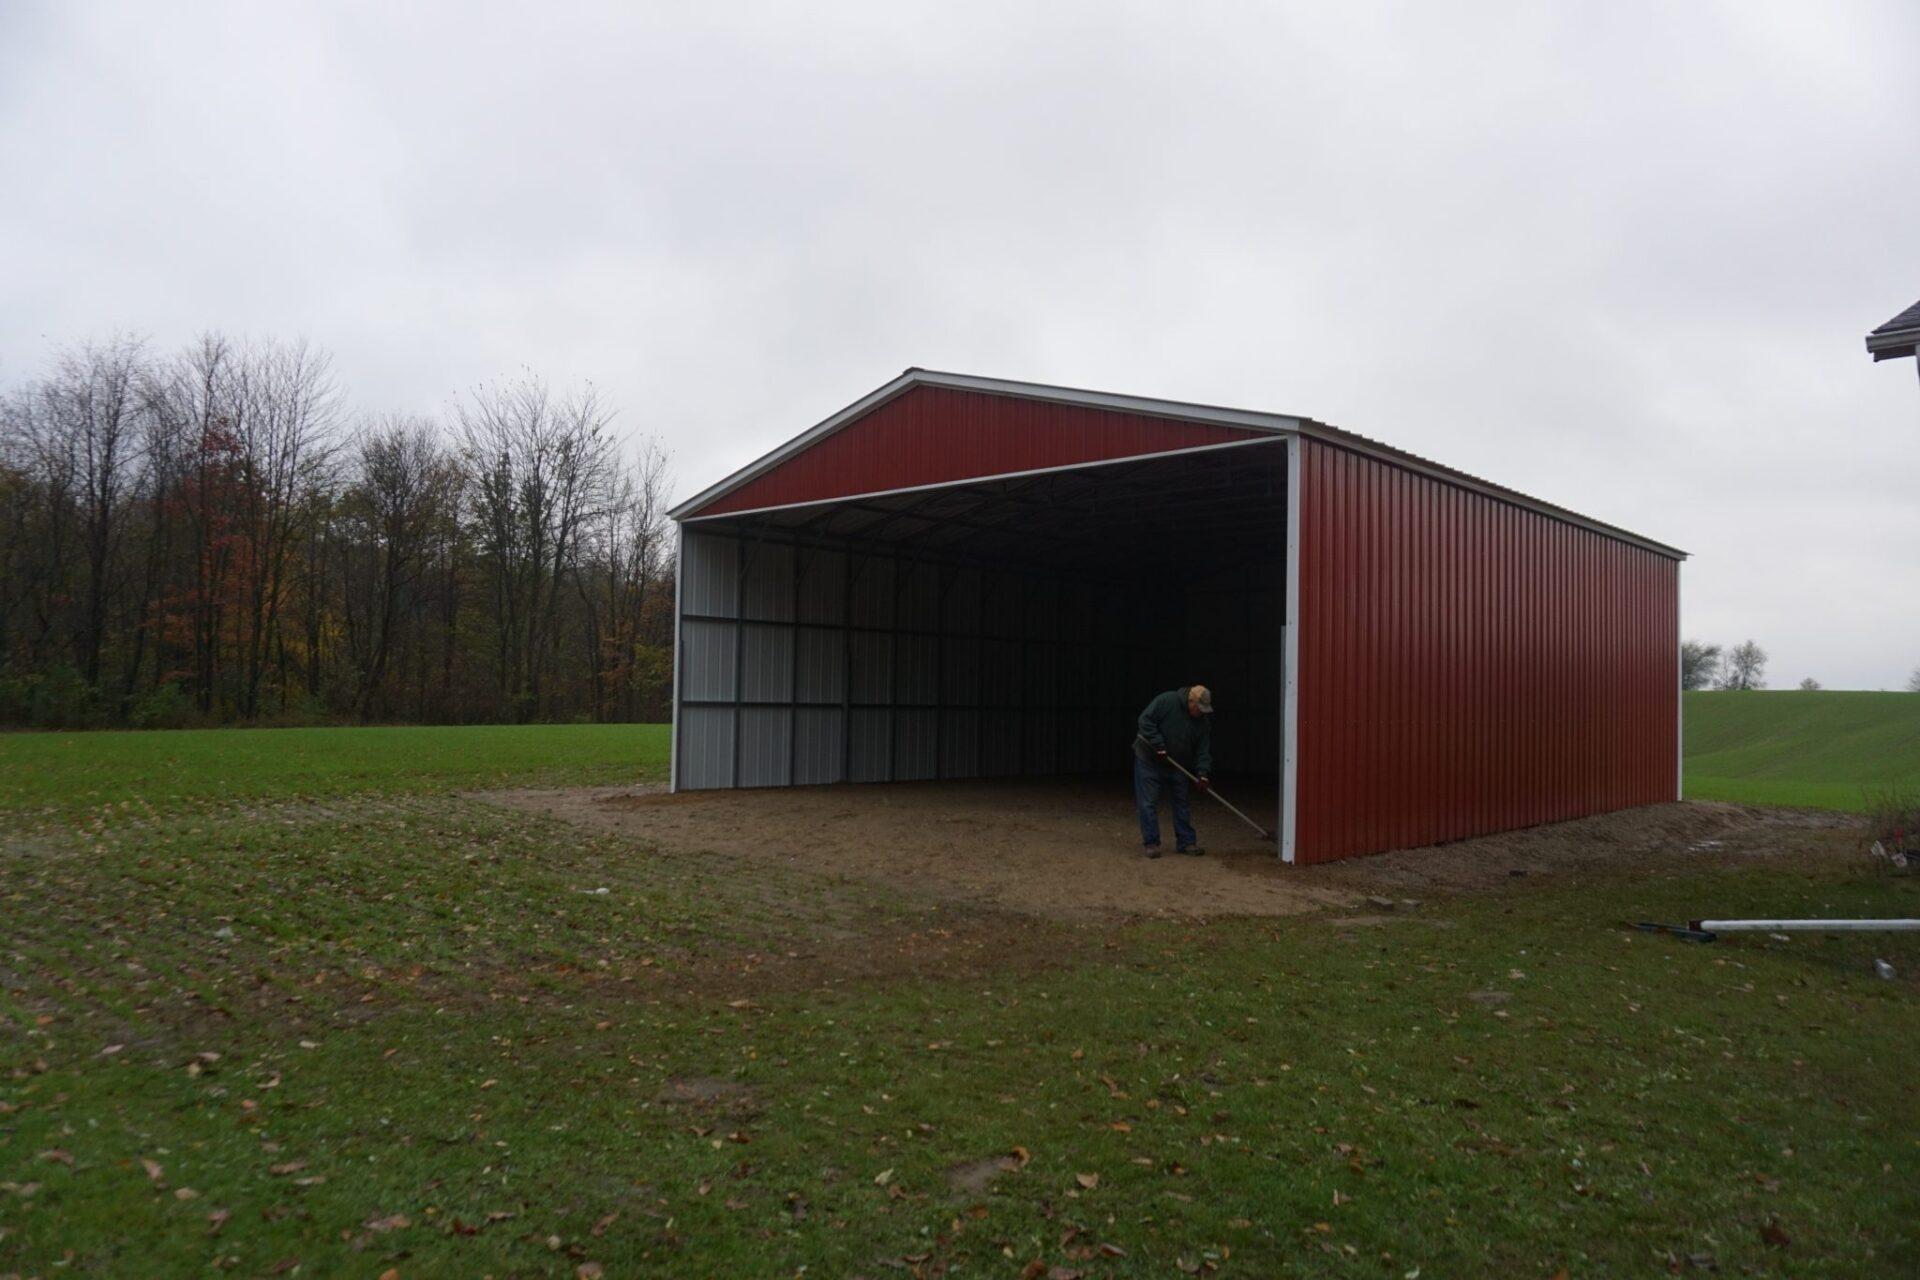 30x40x12 Steel Barn near Greenville, Michigan